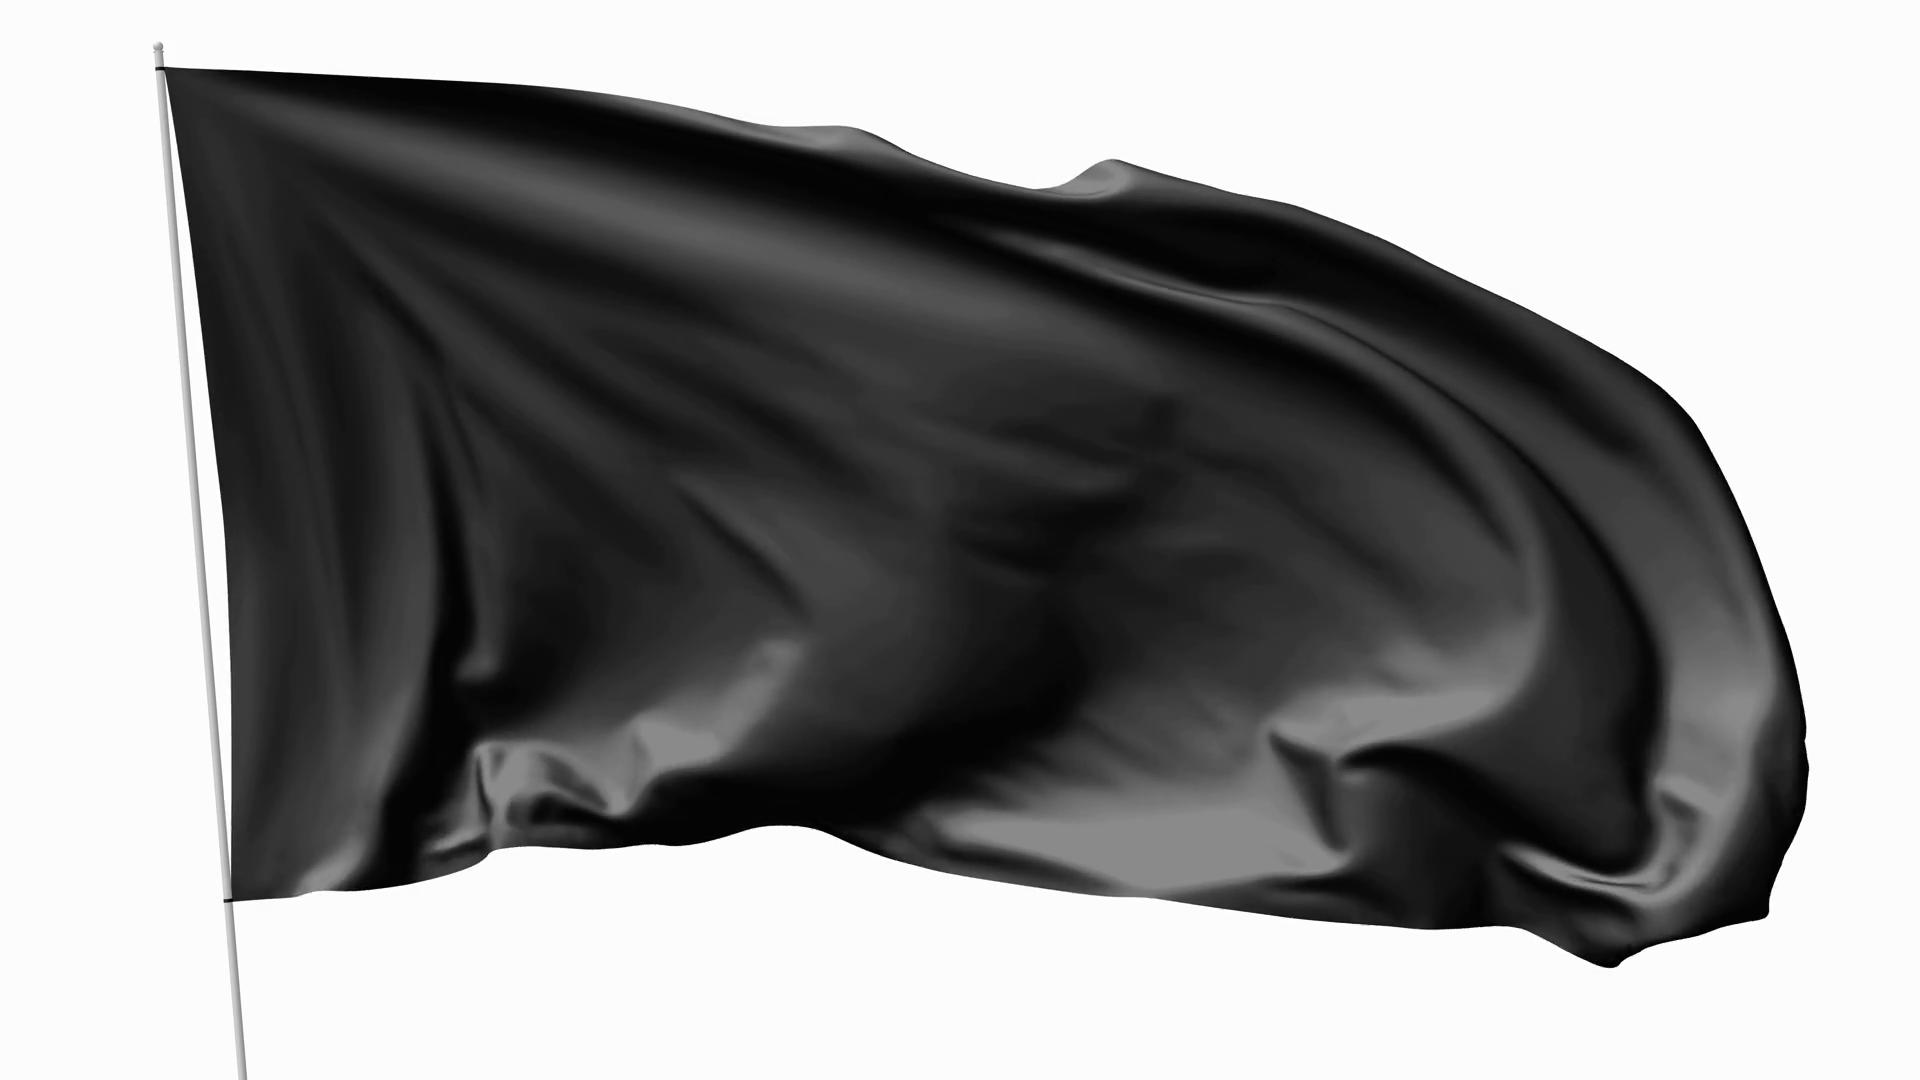 Black Flag Png Image Black Flag Black And White Flag Black Flag Band Logo